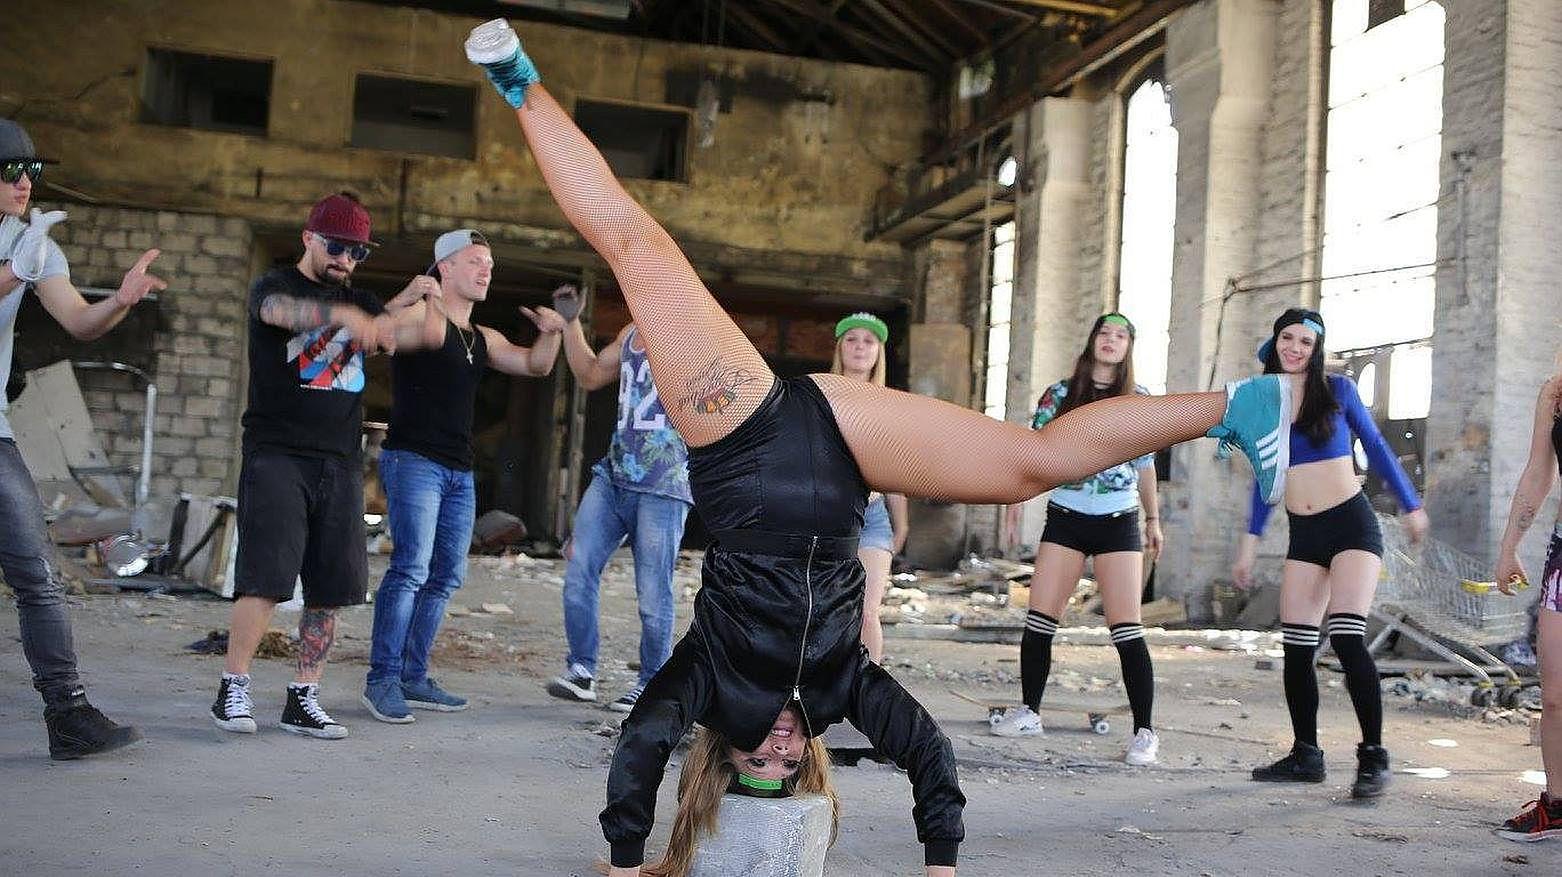 """Polska królowa dancehallu. """"To, co w Polsce jest wulgarne, na Jamajce jest normalne"""""""